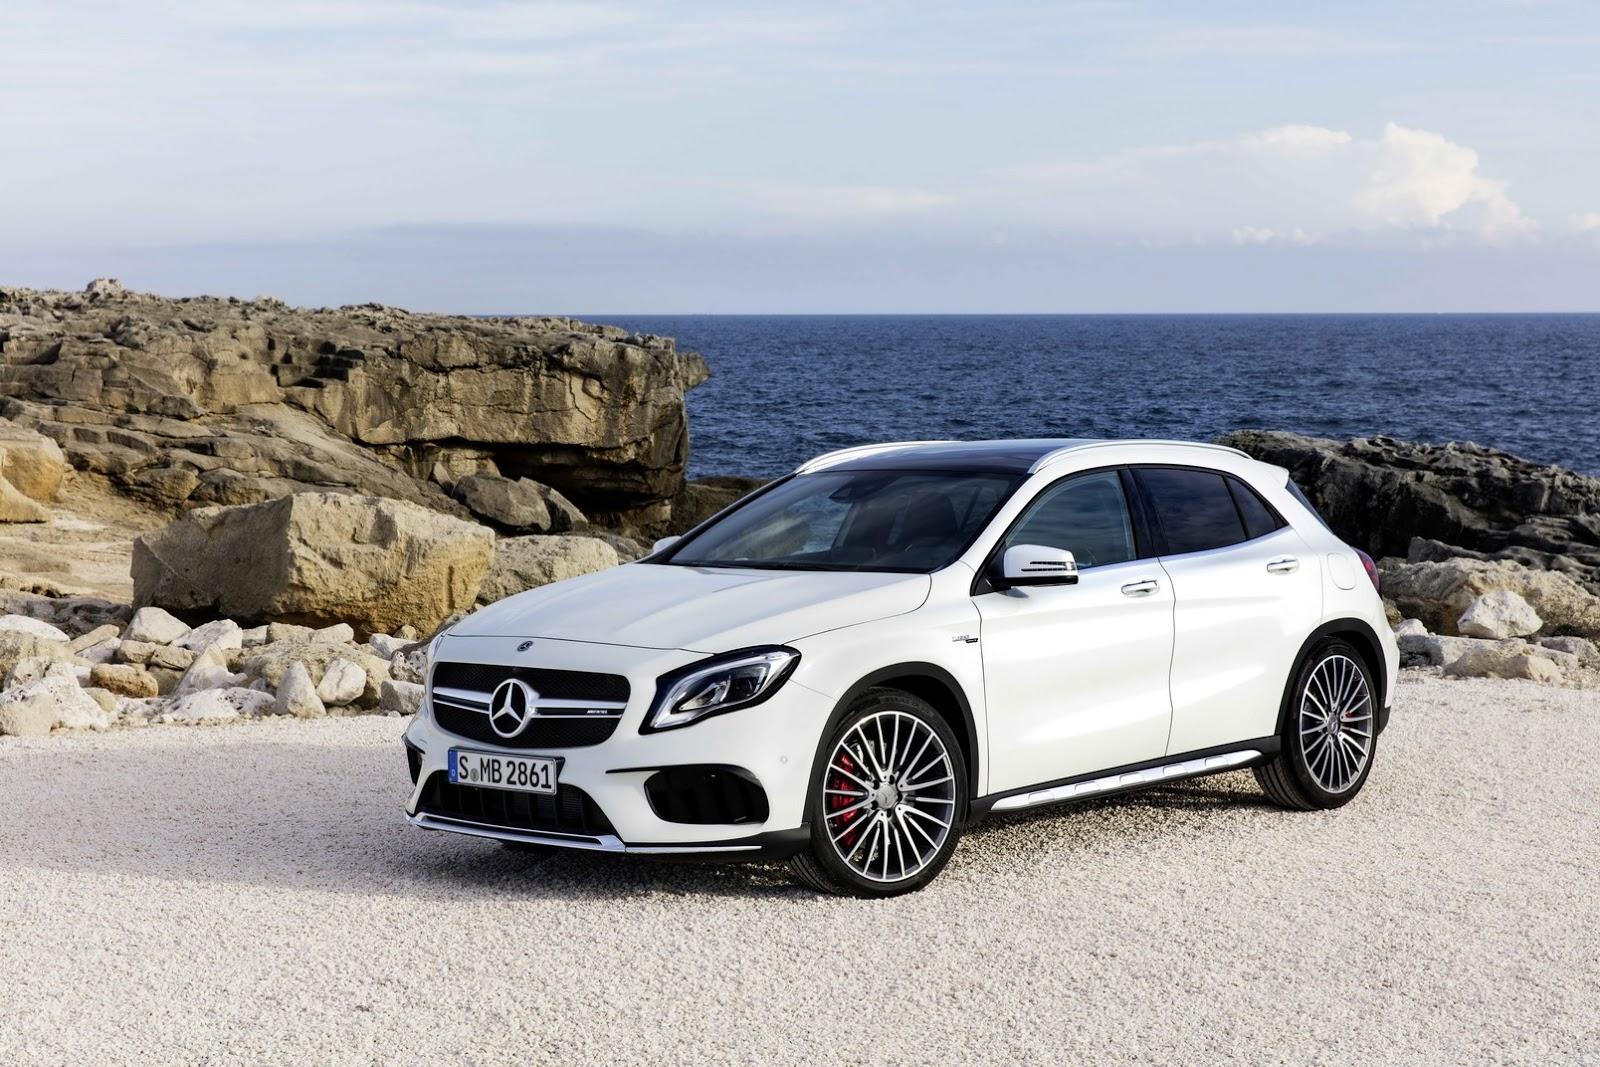 Mercedes GLA facelift and GLA 45 AMG facelift 2017 (15)